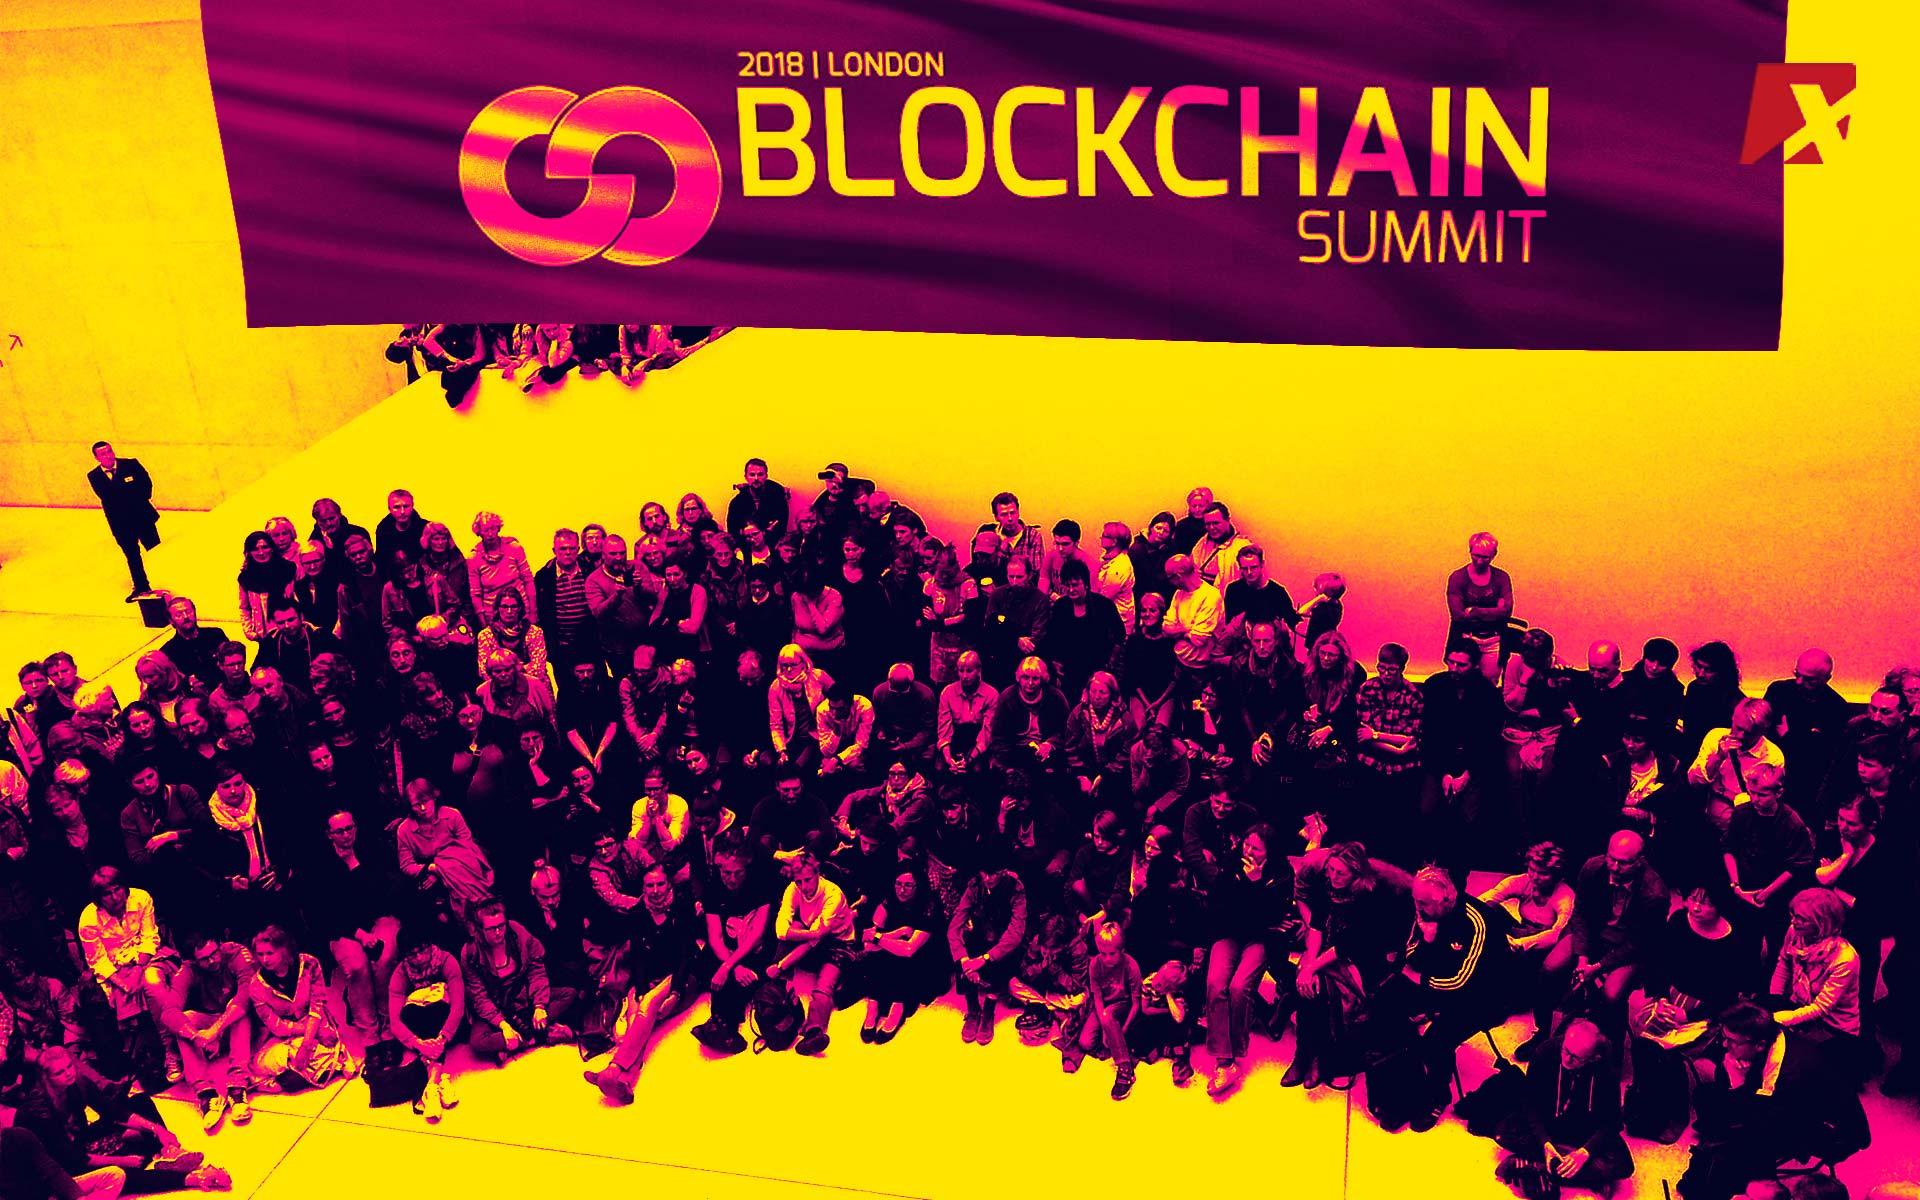 iBlockchain Summit 2018 To Feature International Blockchain Leaders